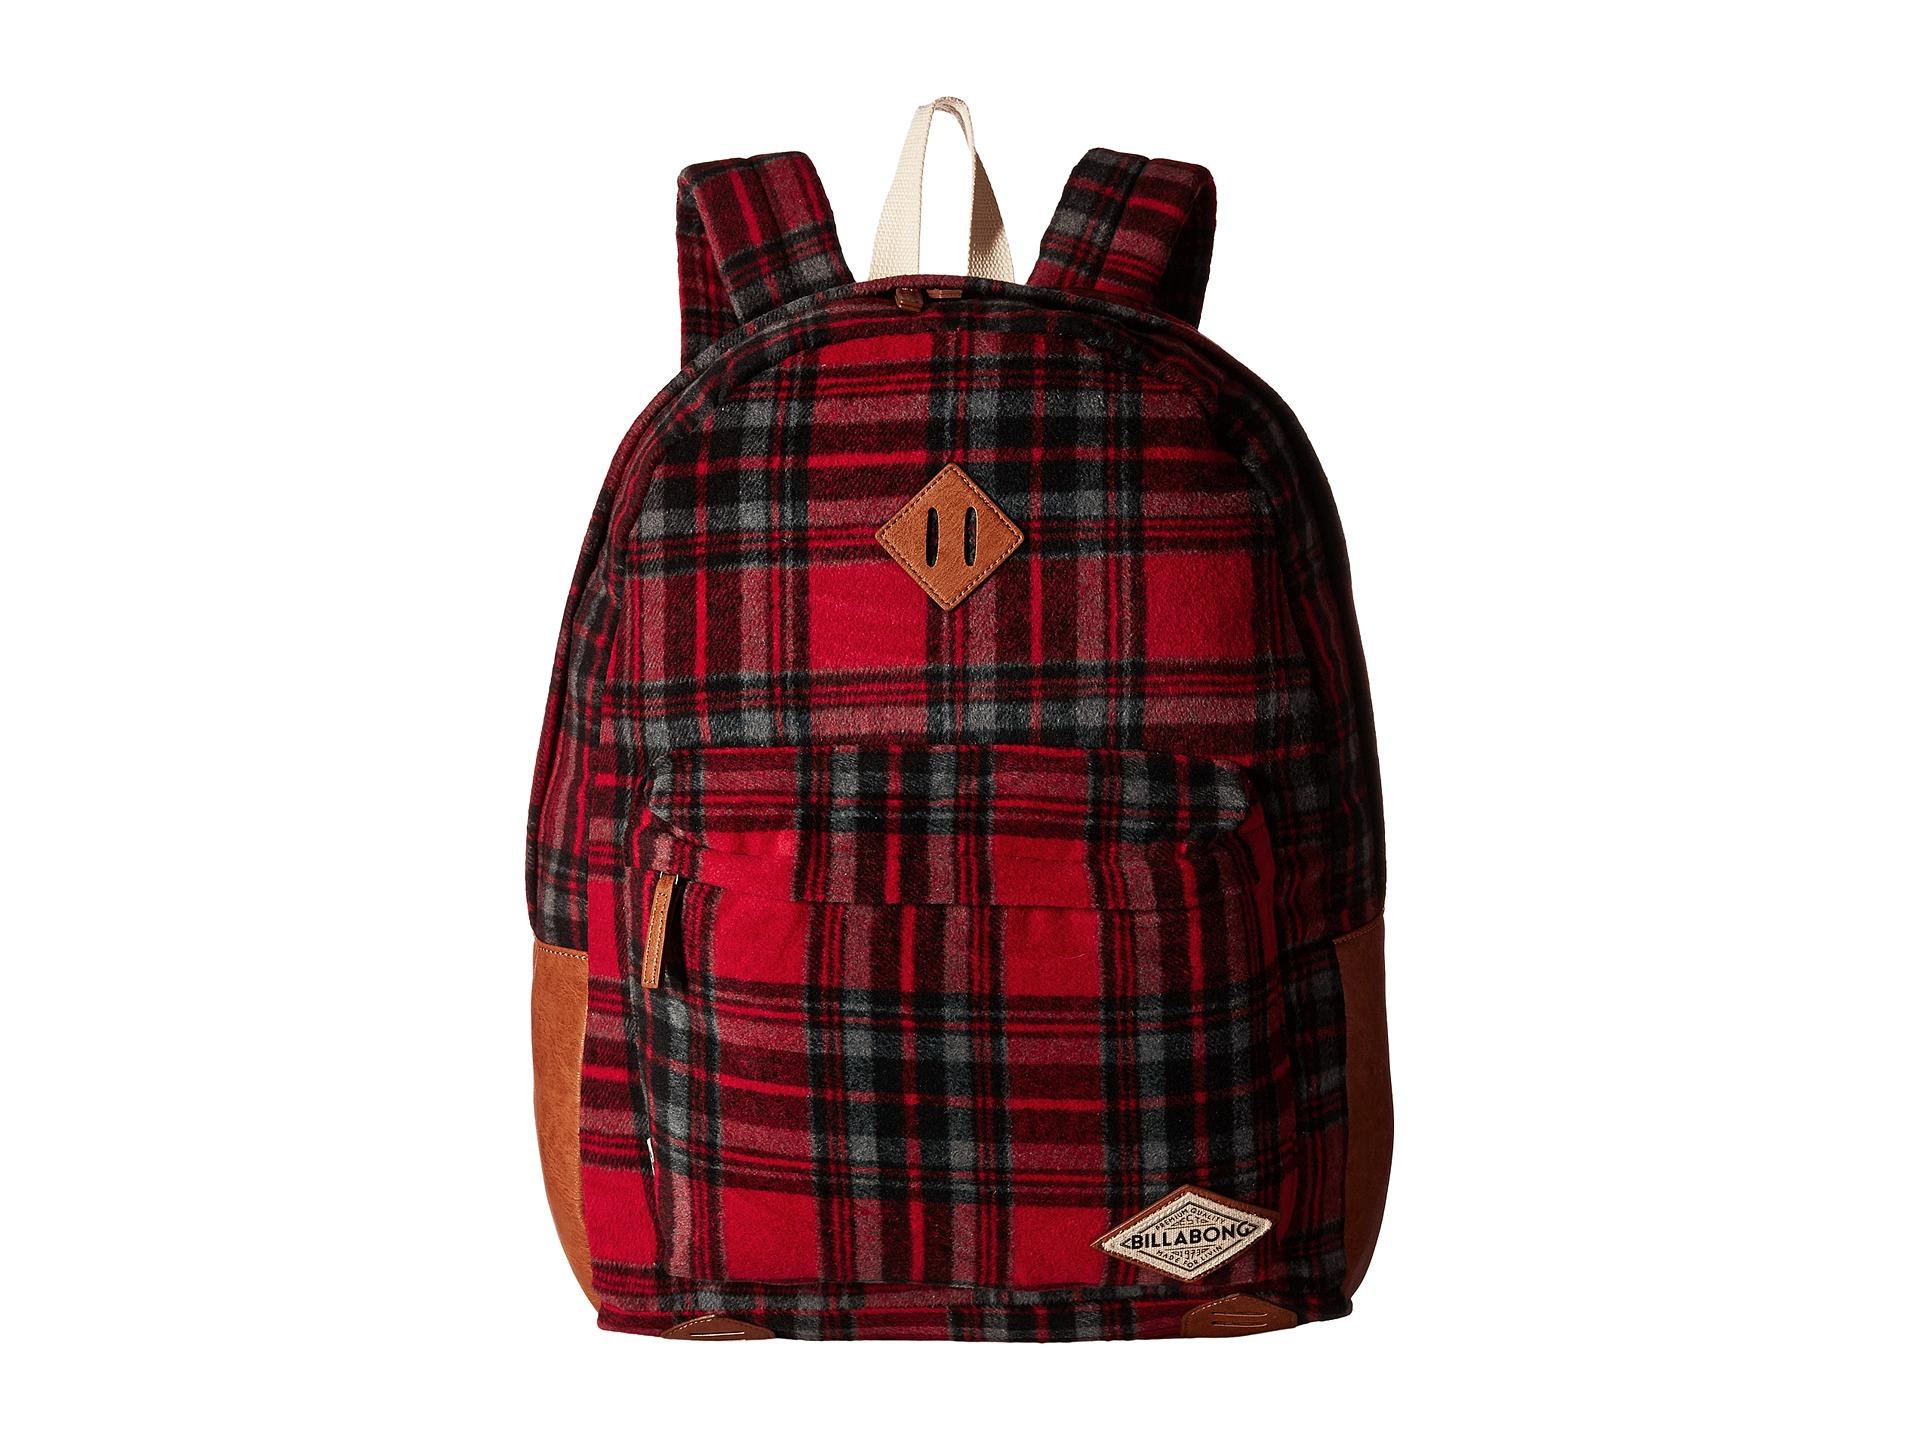 Назад в школу: топ-5 онлайн-магазинов детской одежды - фото 2